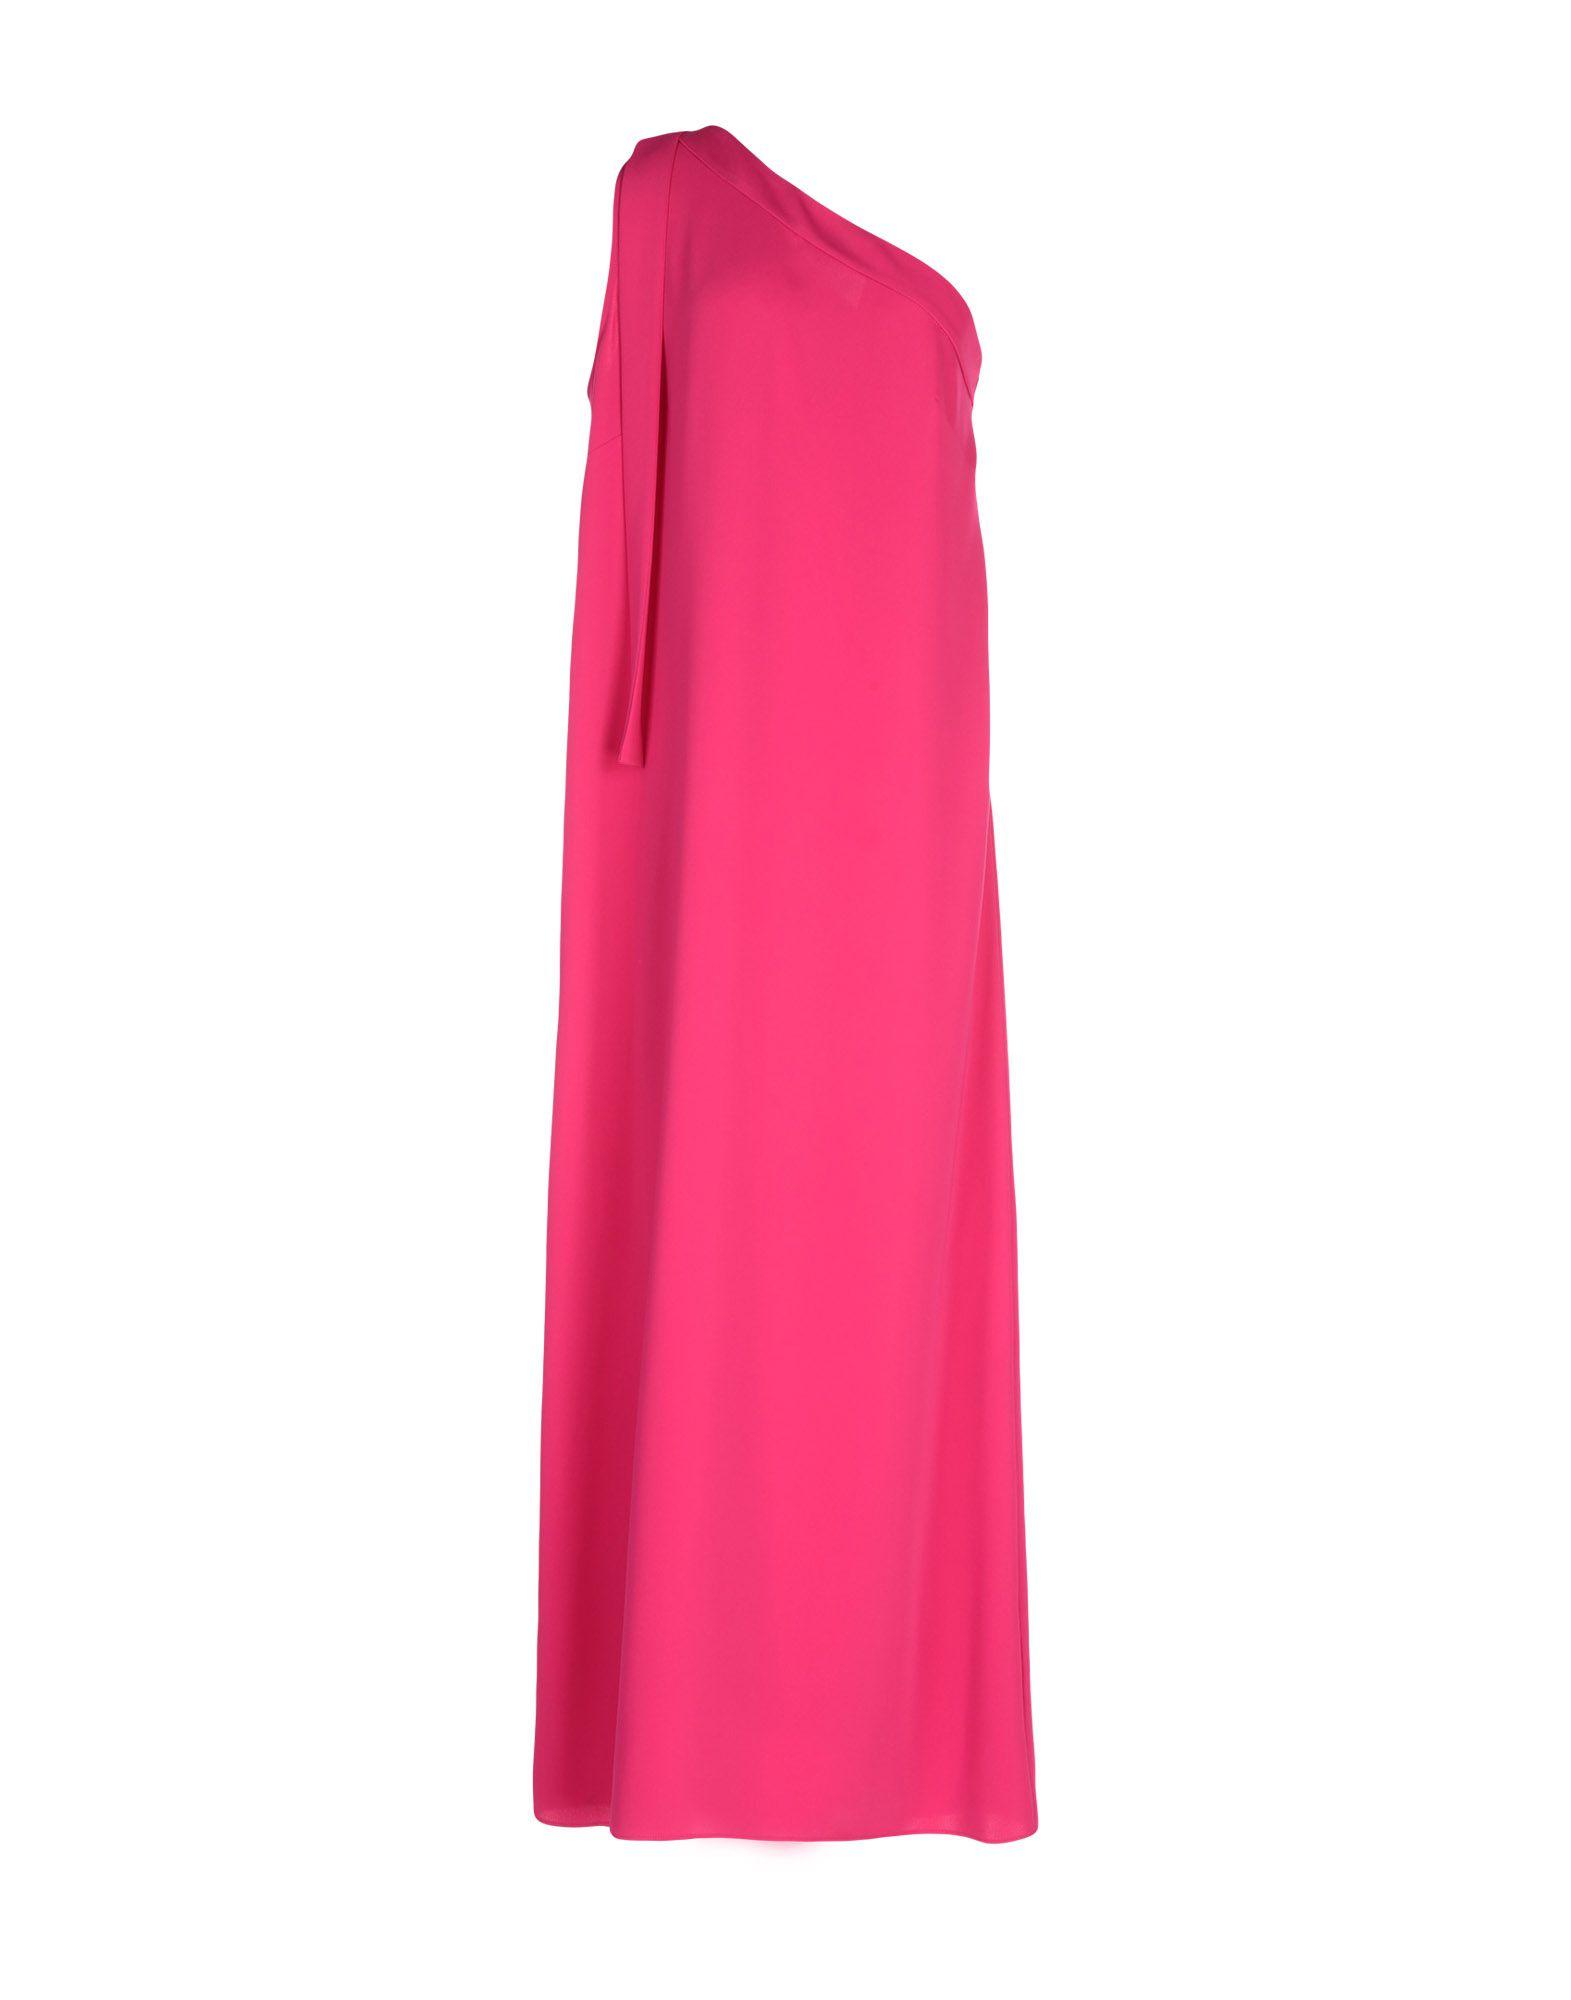 P.A.R.O.S.H. Длинное платье 923 зима полный дрель бархат вечернее платье длинное плечо банкет тост одежды тонкий тонкий хост